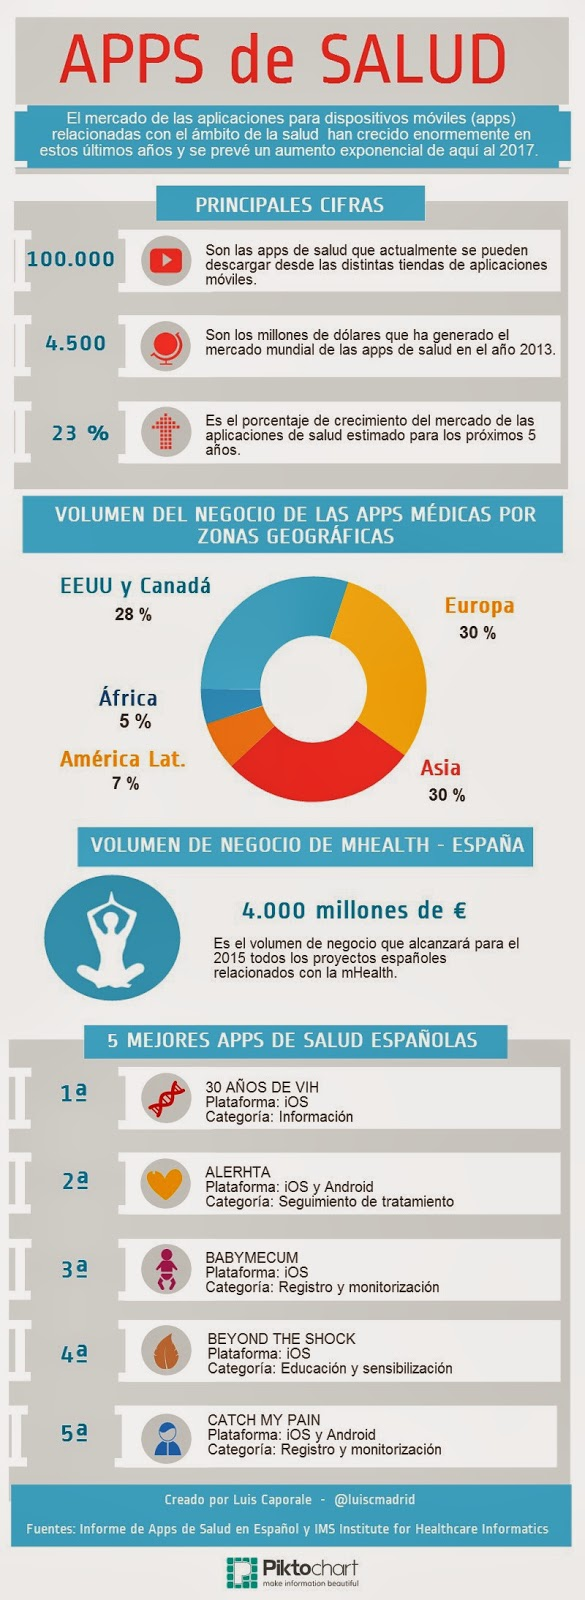 Mercado mundial de las apps de salud